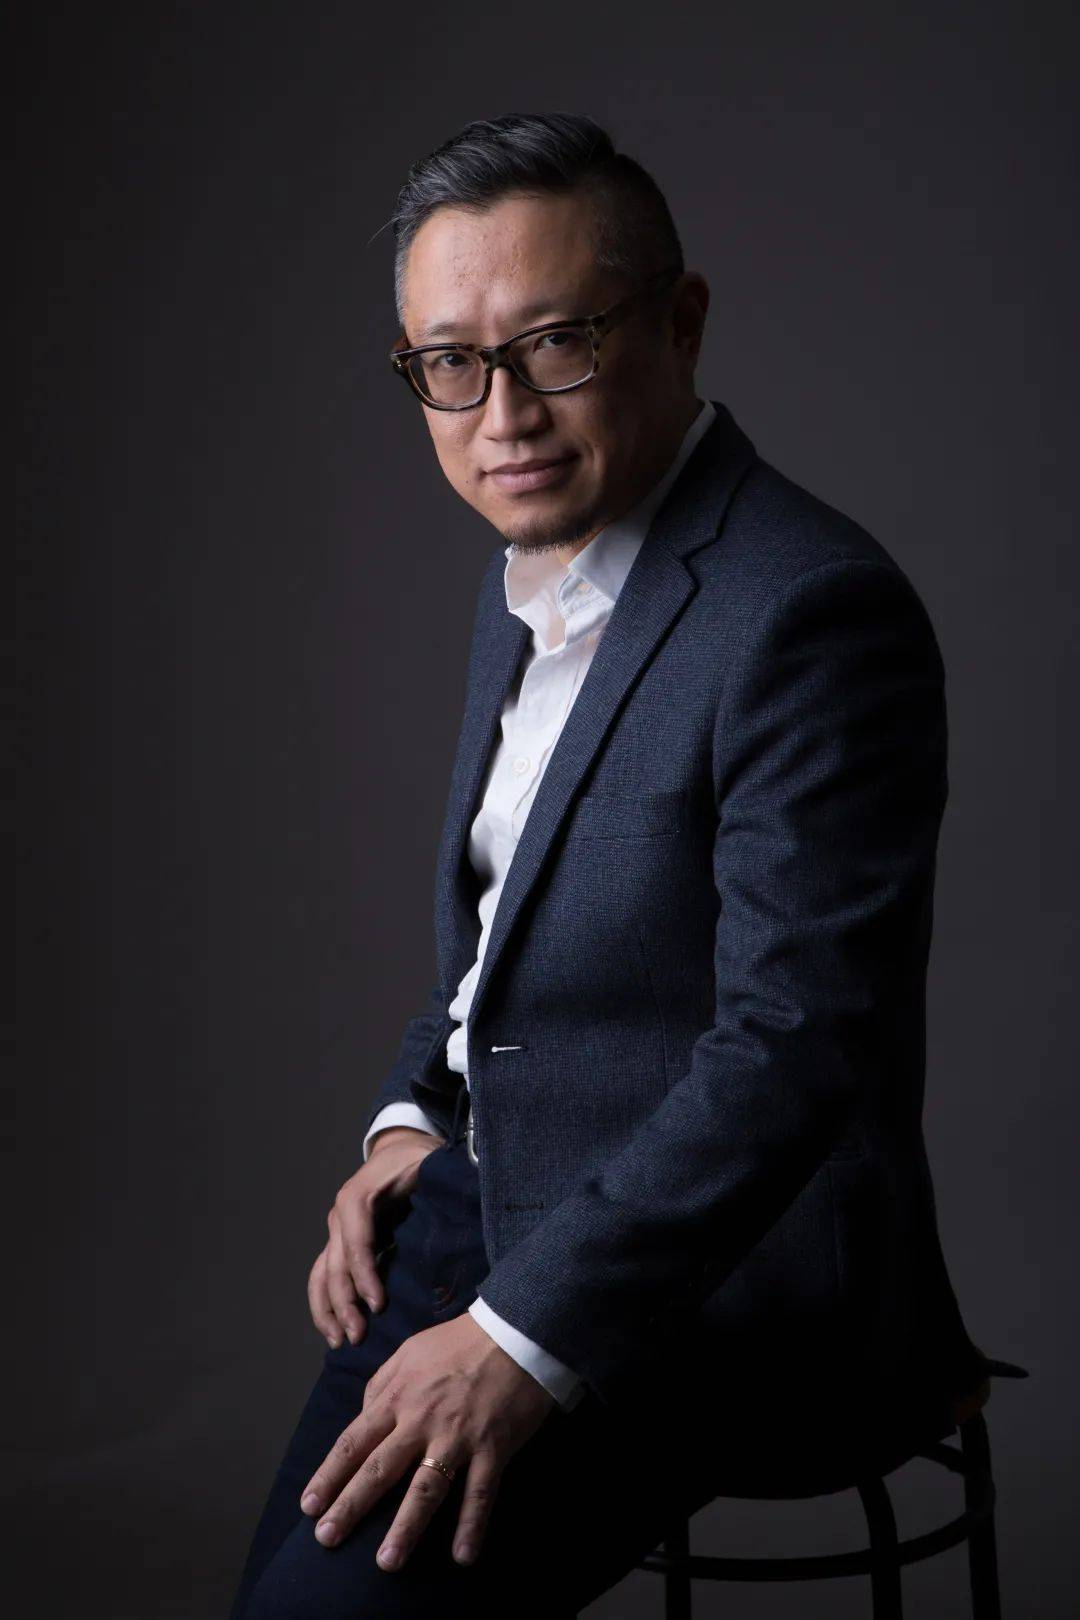 爵士·教育·独家分享——对话爵士钢琴家黄健怡